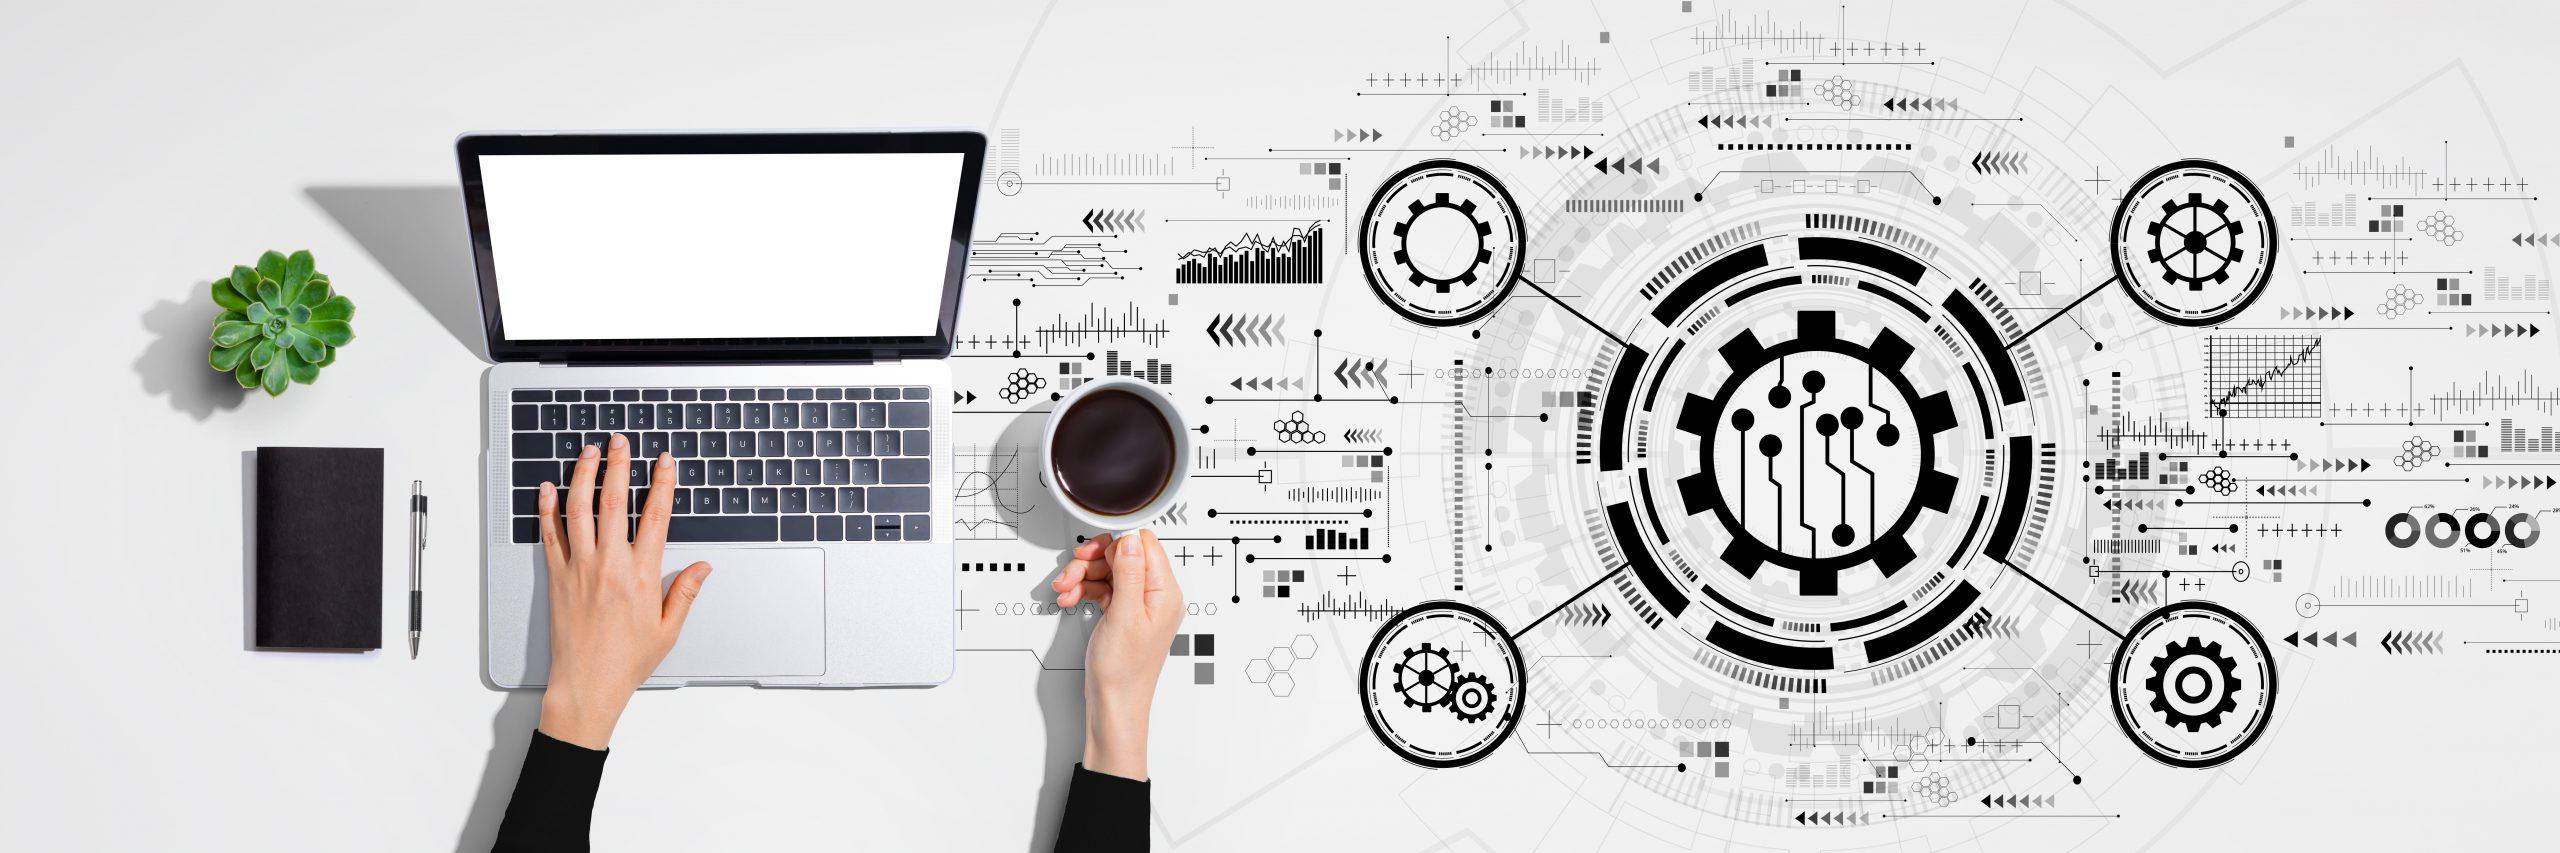 ビジネスプロセス管理に重要な業務の可視化とは?システム導入のメリットについて